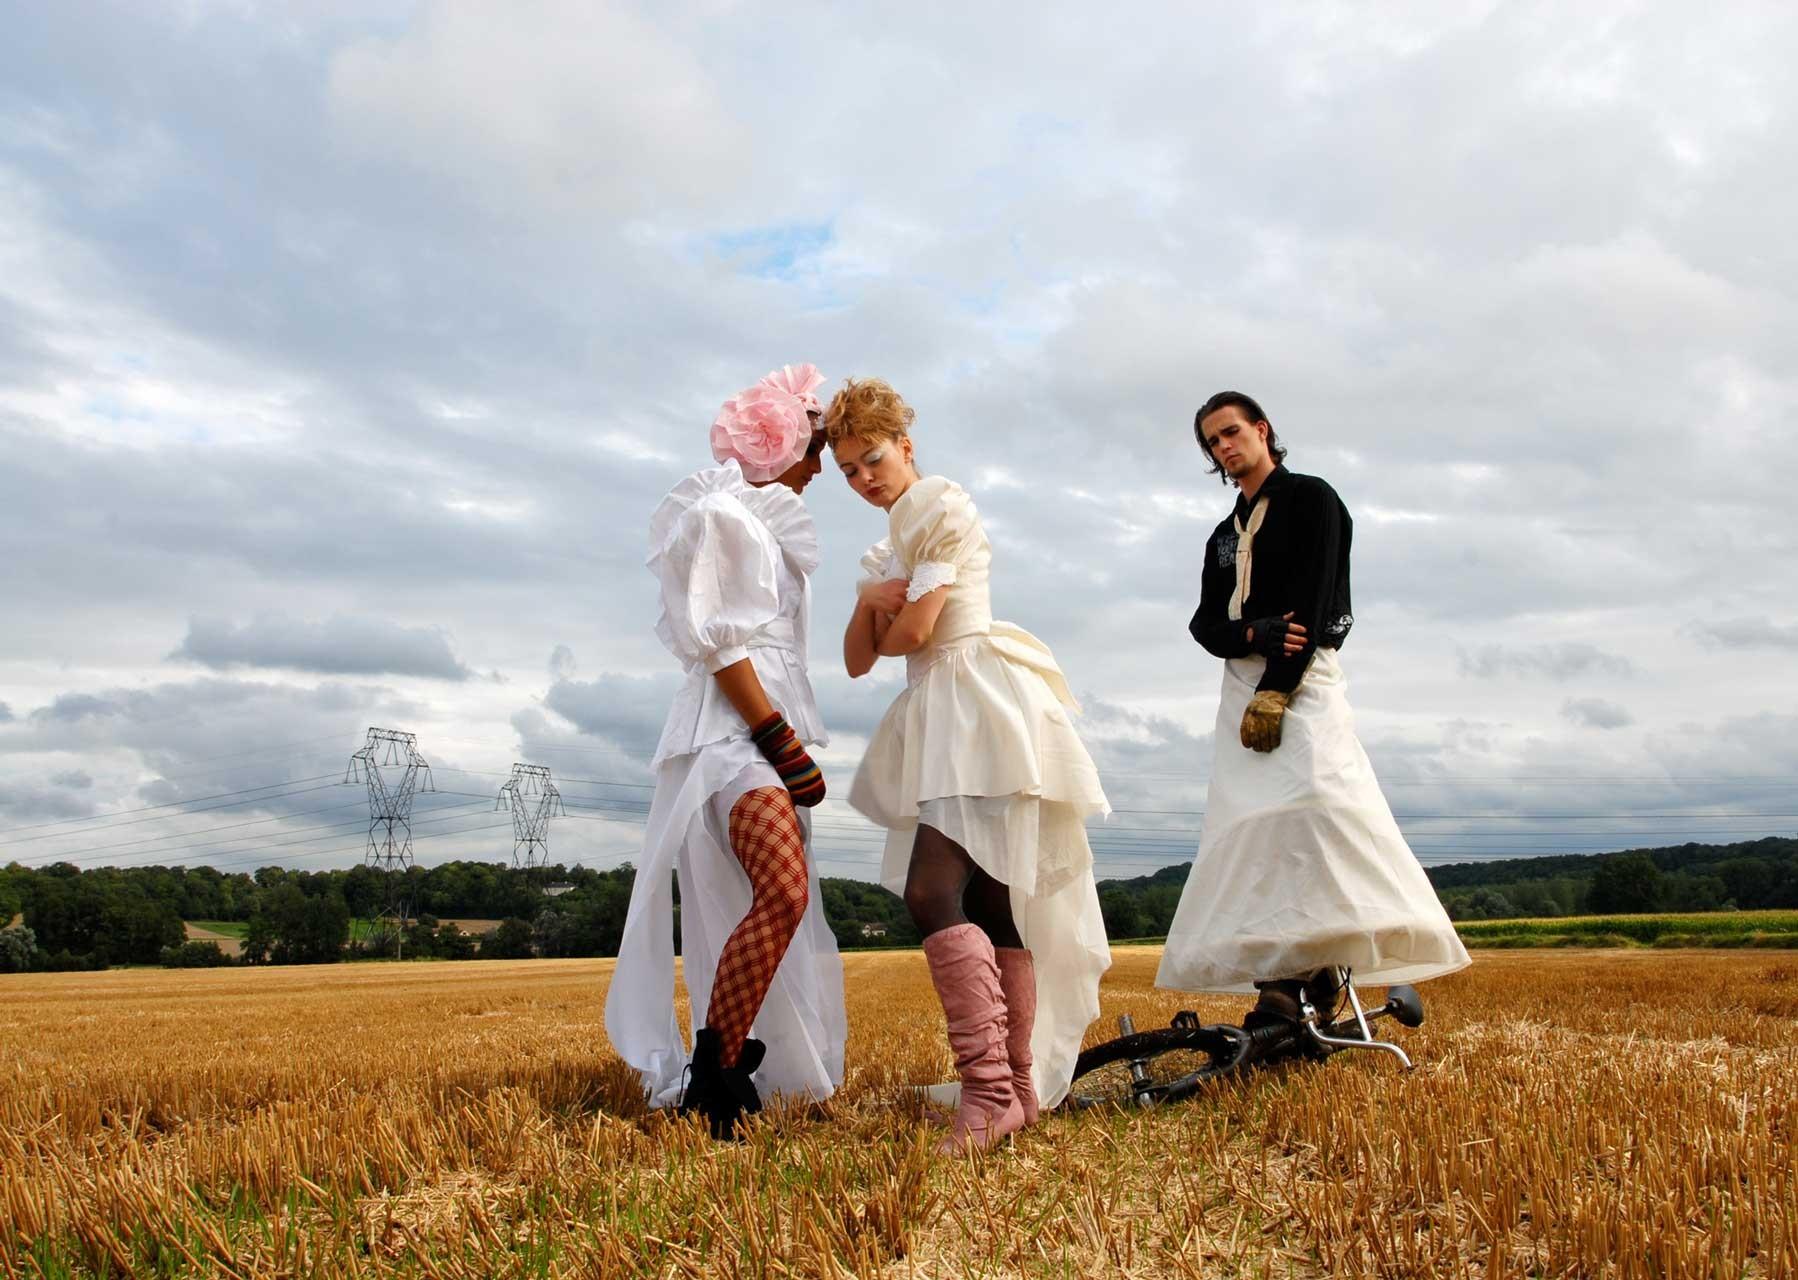 Laure-Maud_08_photographe_mode-ethique-fashion-DIY_100-pour-100-recyle